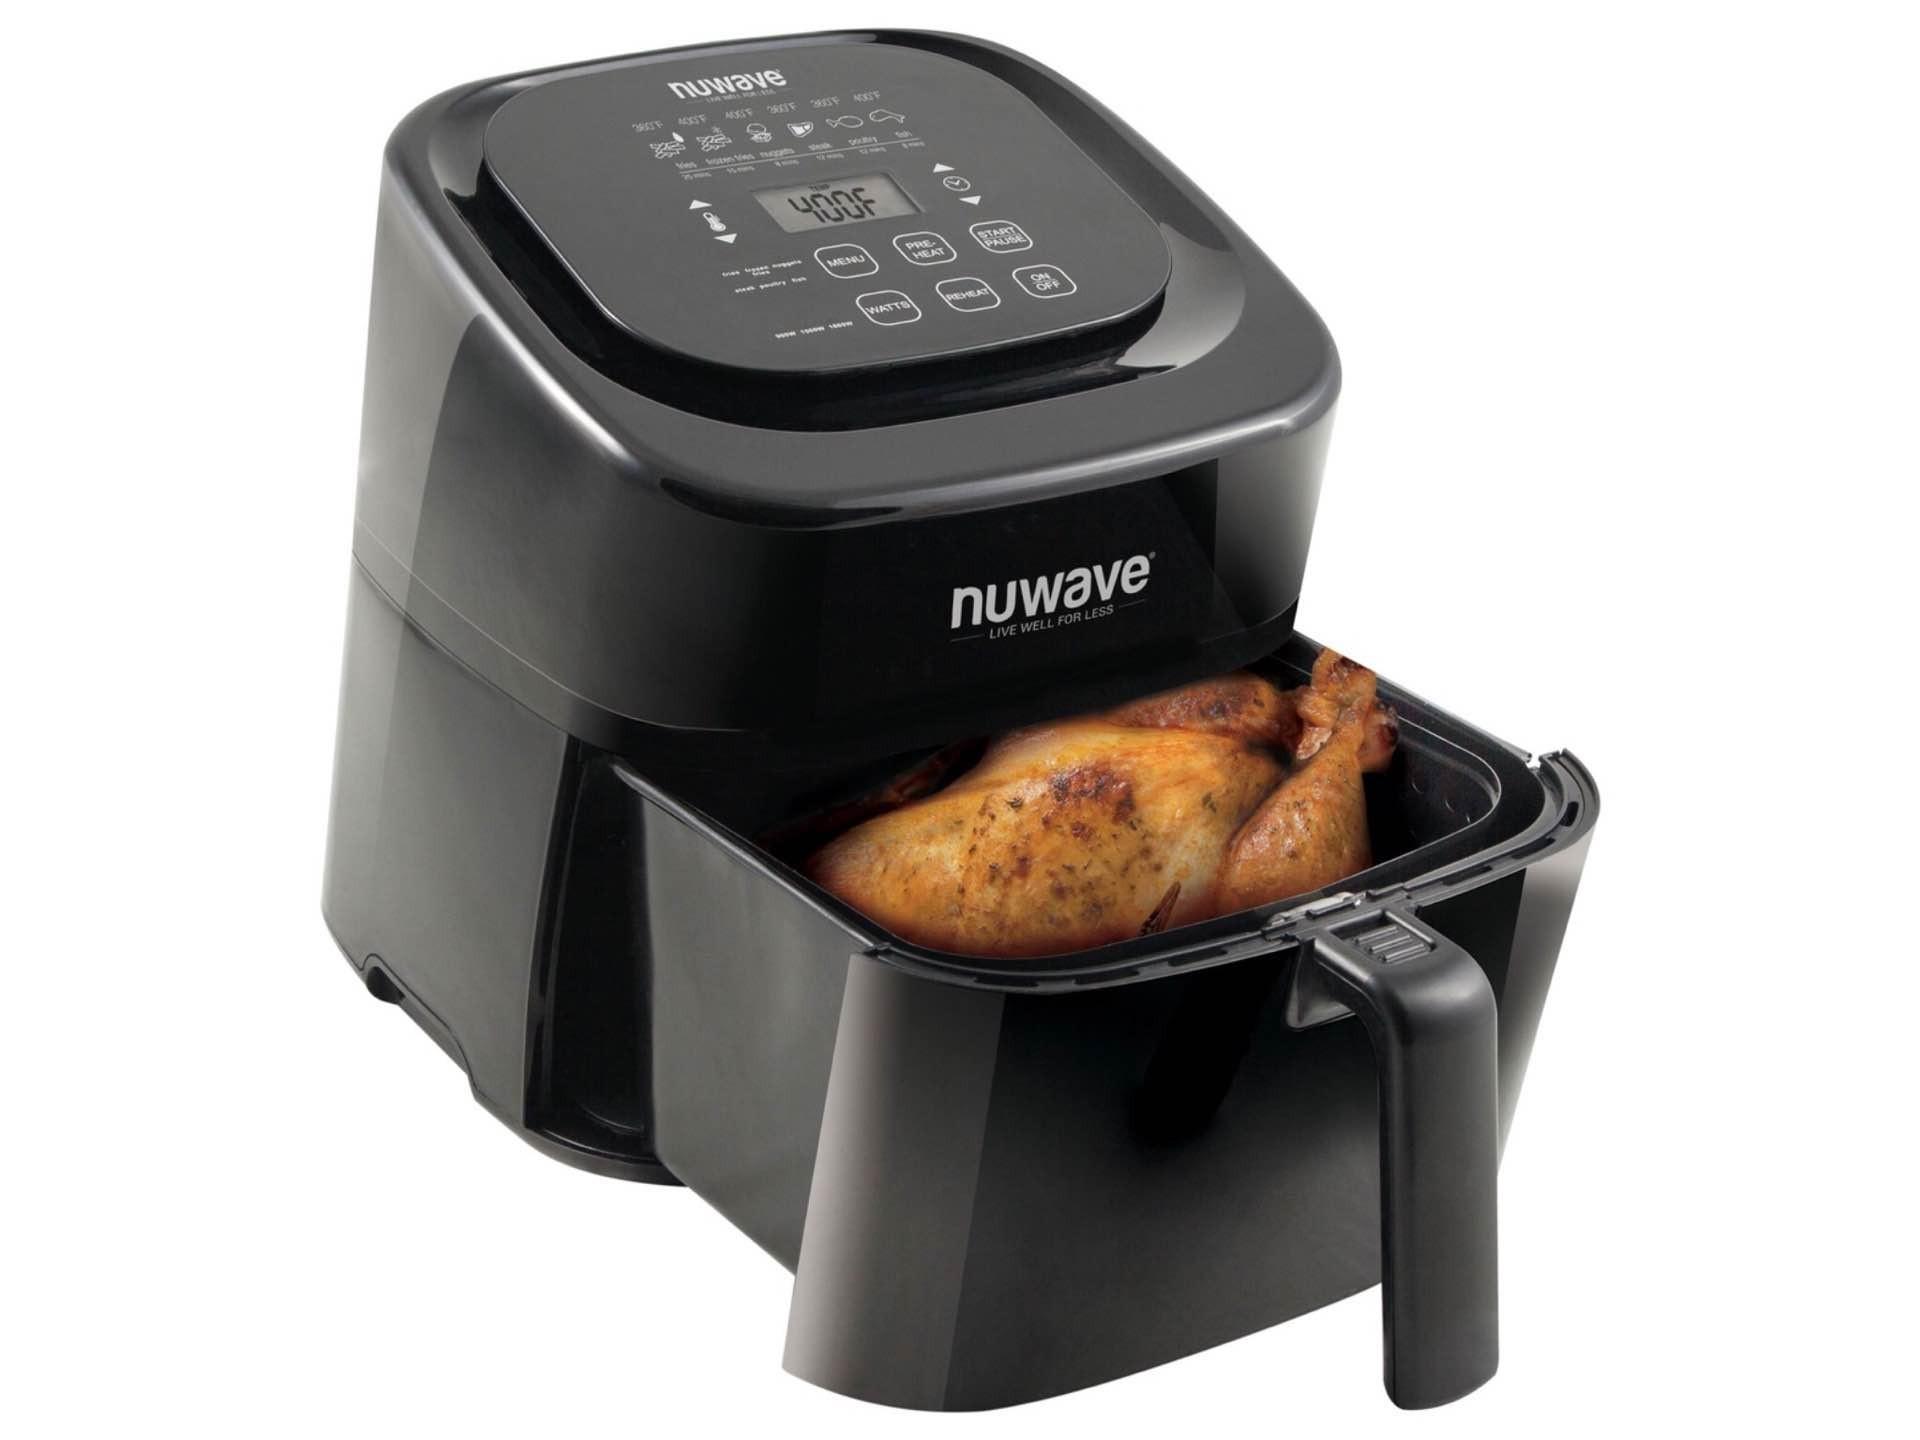 nuwave-brio-6-quart-air-fryer-whole-chicken